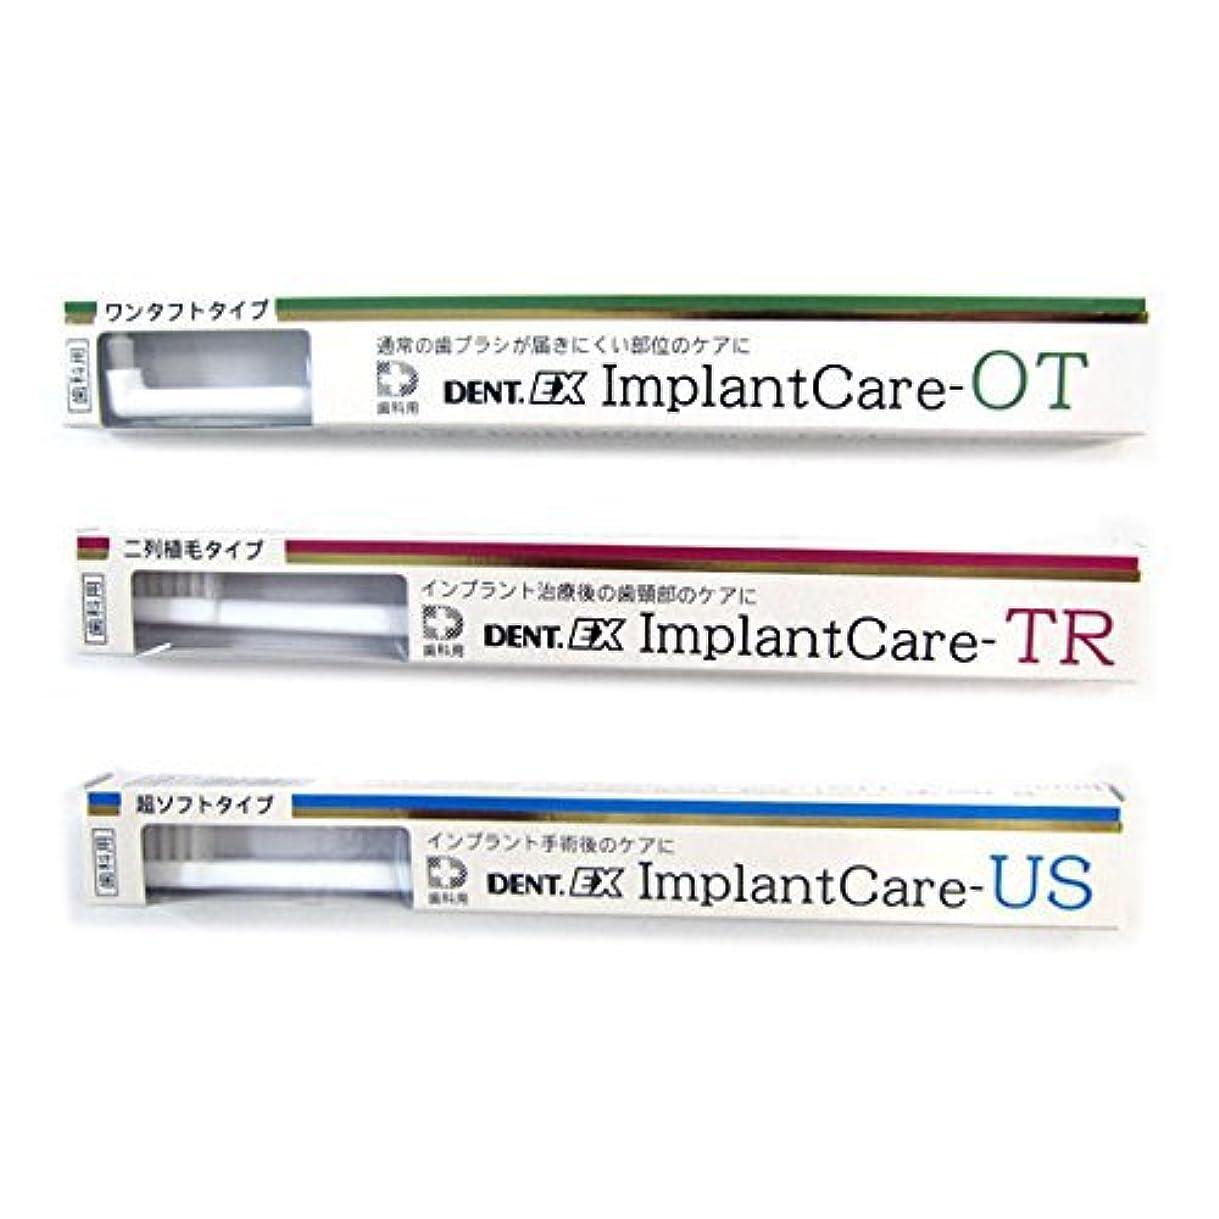 準備ができて太字ローラーデント DENT EX ImplantCare インプラントケア 単品 OT(ワンタフト)